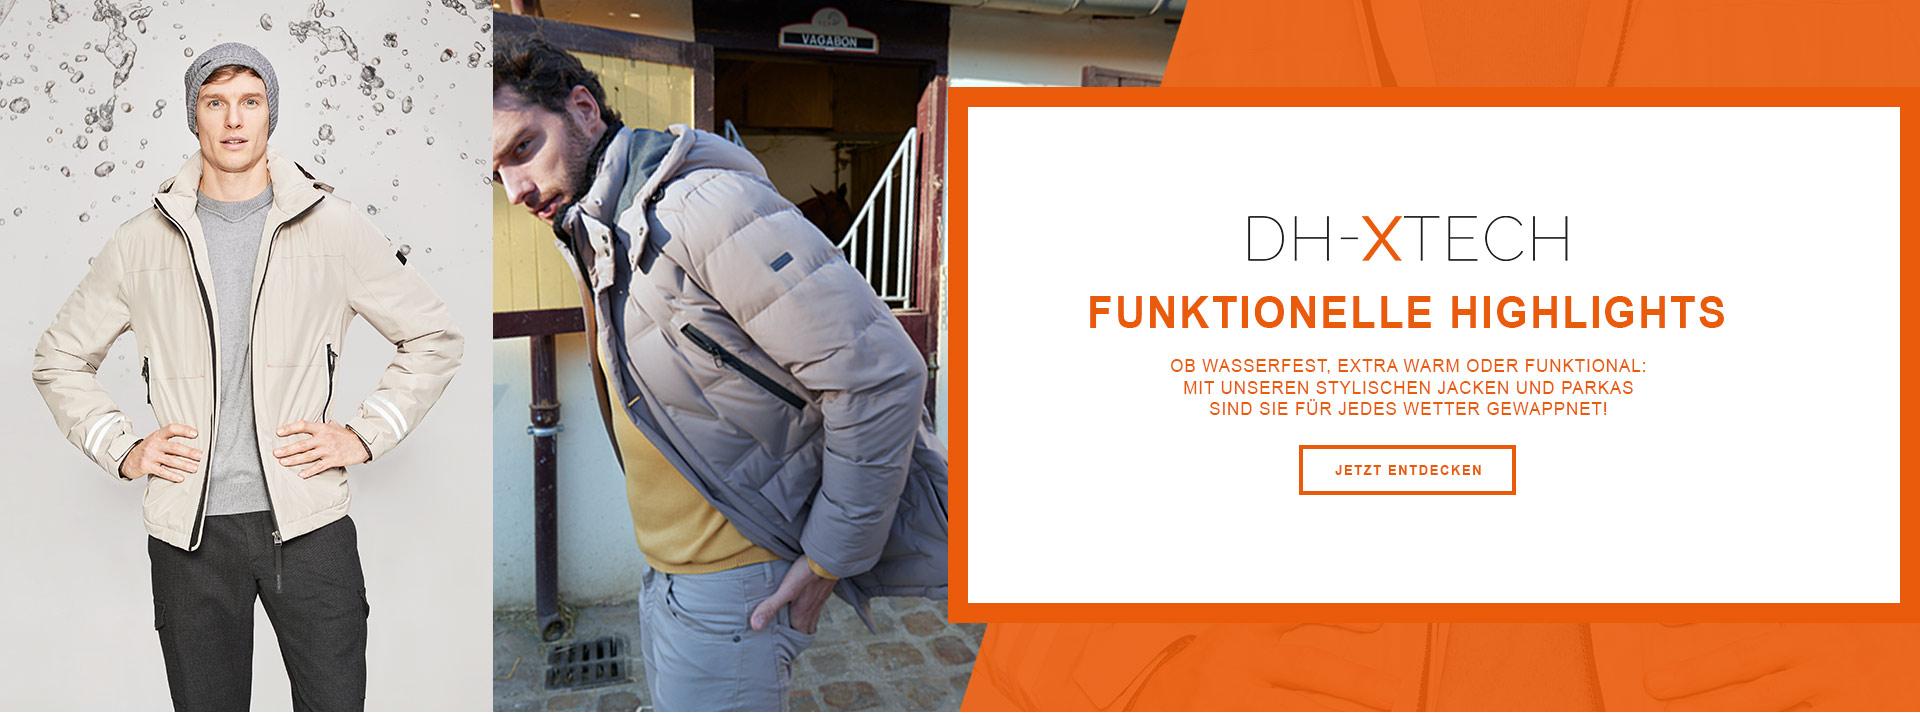 Stylische Jacken und Parkas von Daniel Hechter